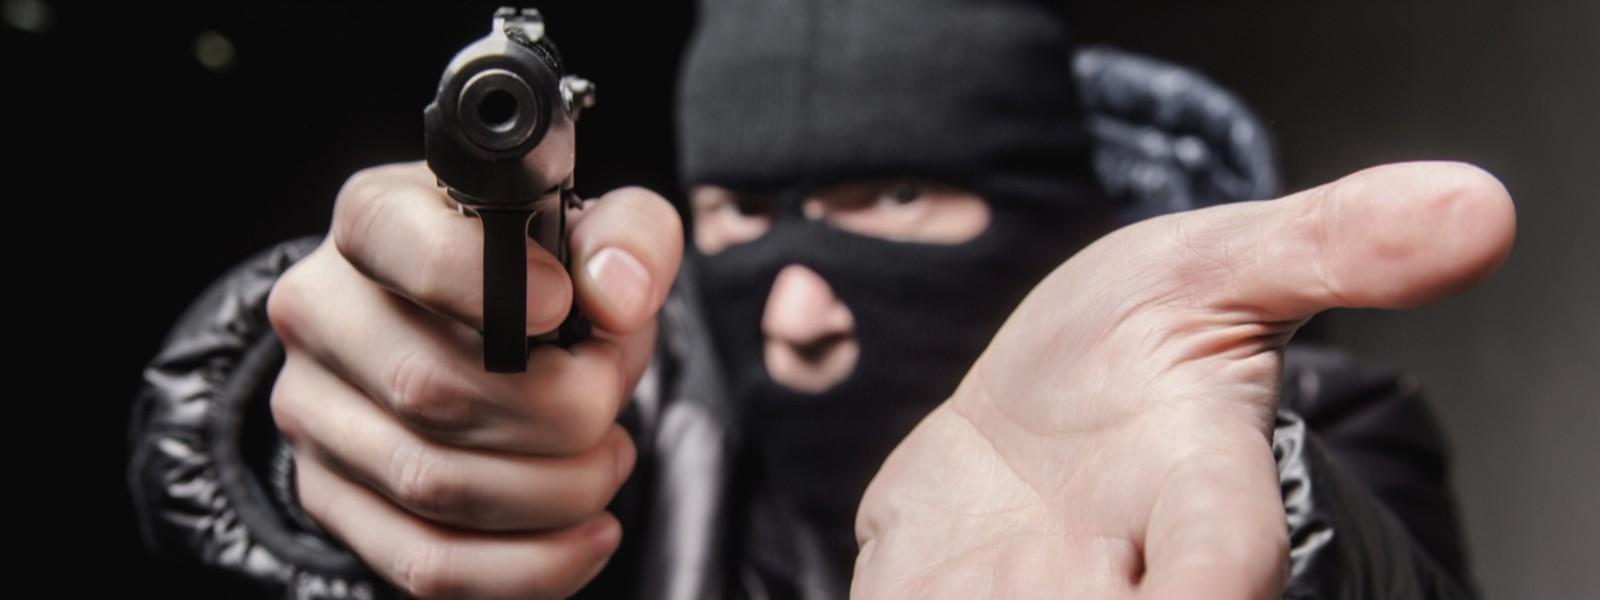 Rs. 30 Million stolen at gunpoint in Katana